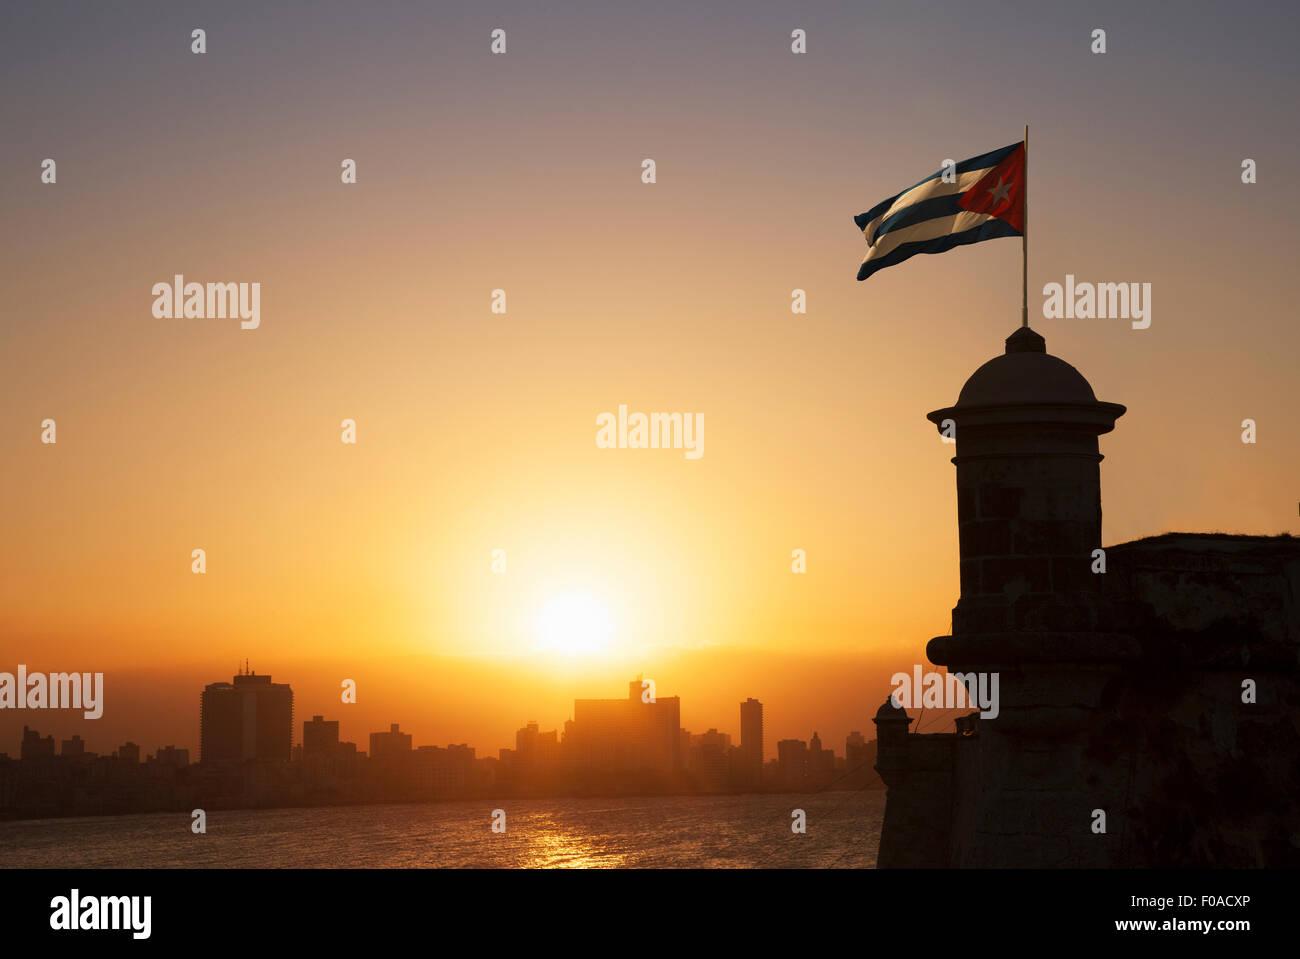 Plus de drapeau cubain de la forteresse El Morro au coucher du soleil, La Havane, Cuba Photo Stock